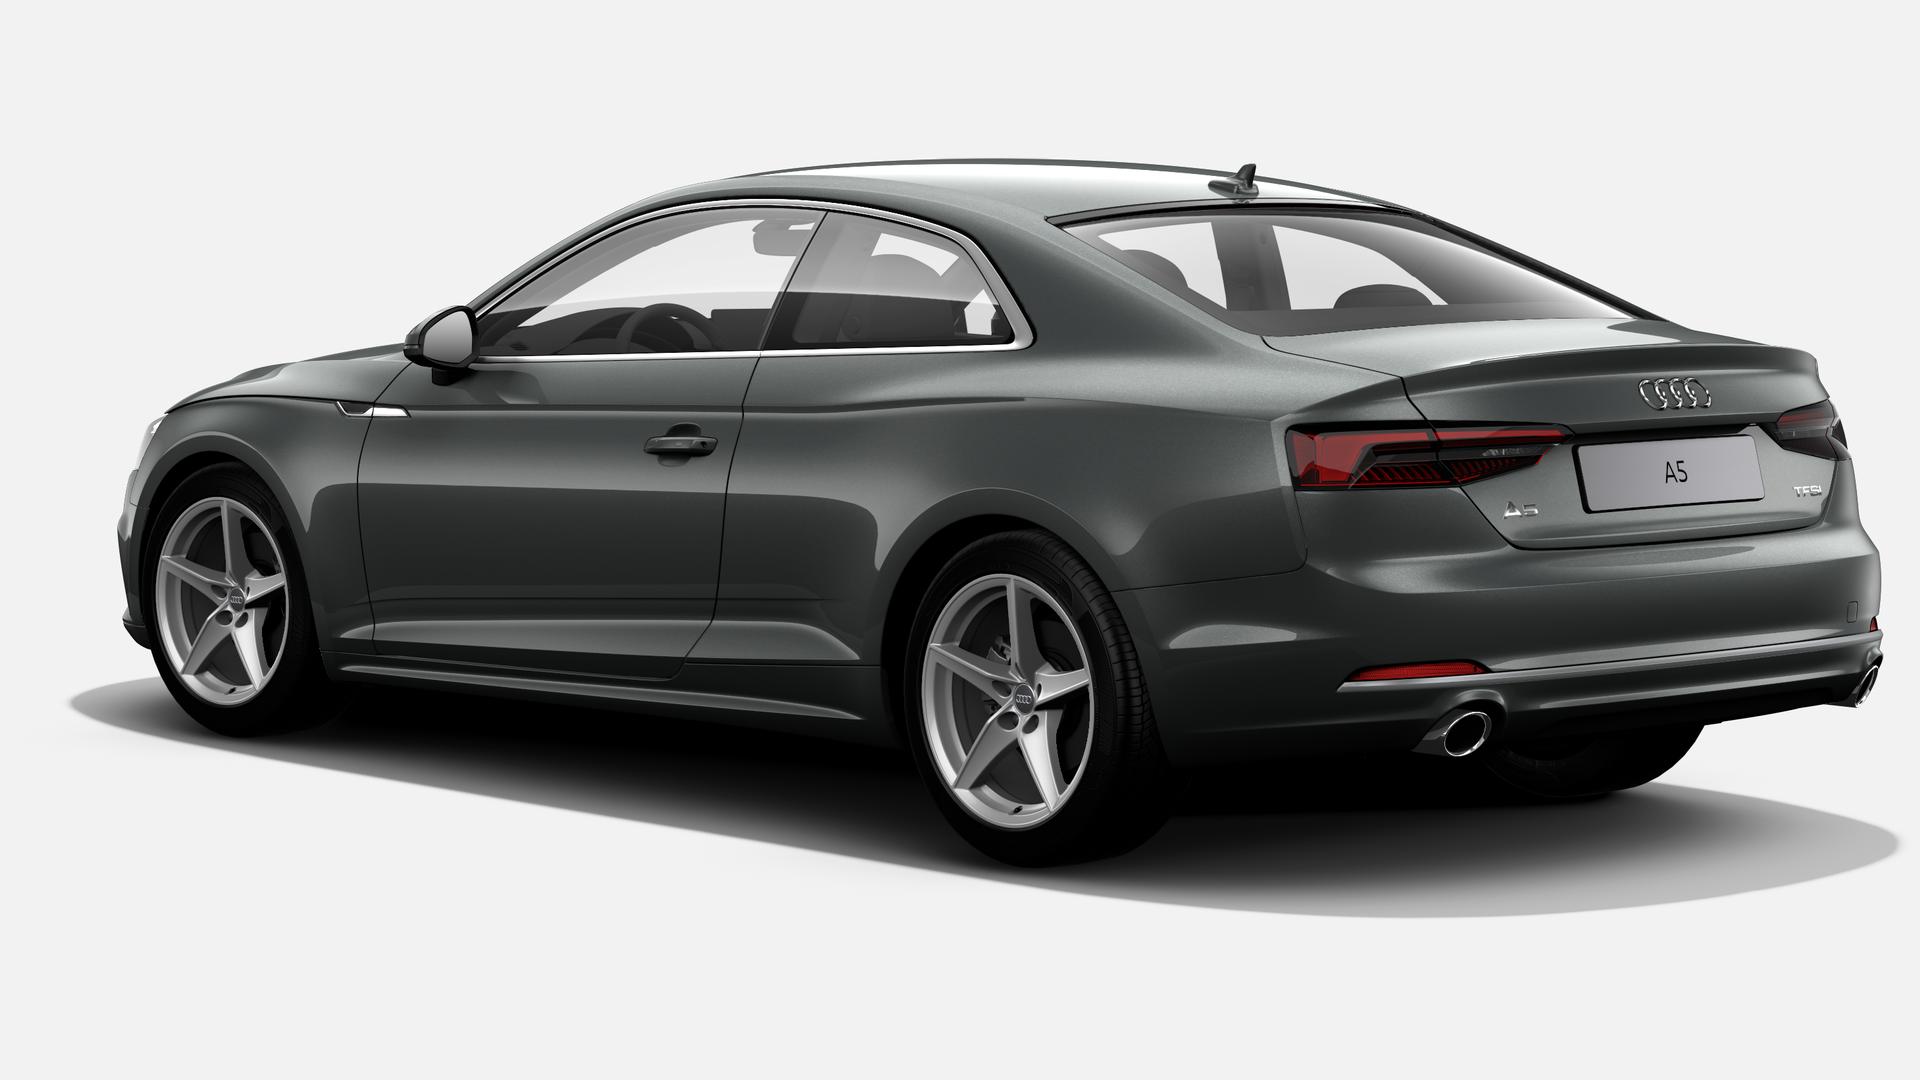 Vista Tres cuartos trasera izquierda de Audi A5 Coupe 2.0 TFSI S line MHEV S tron 140 kW (190 CV)